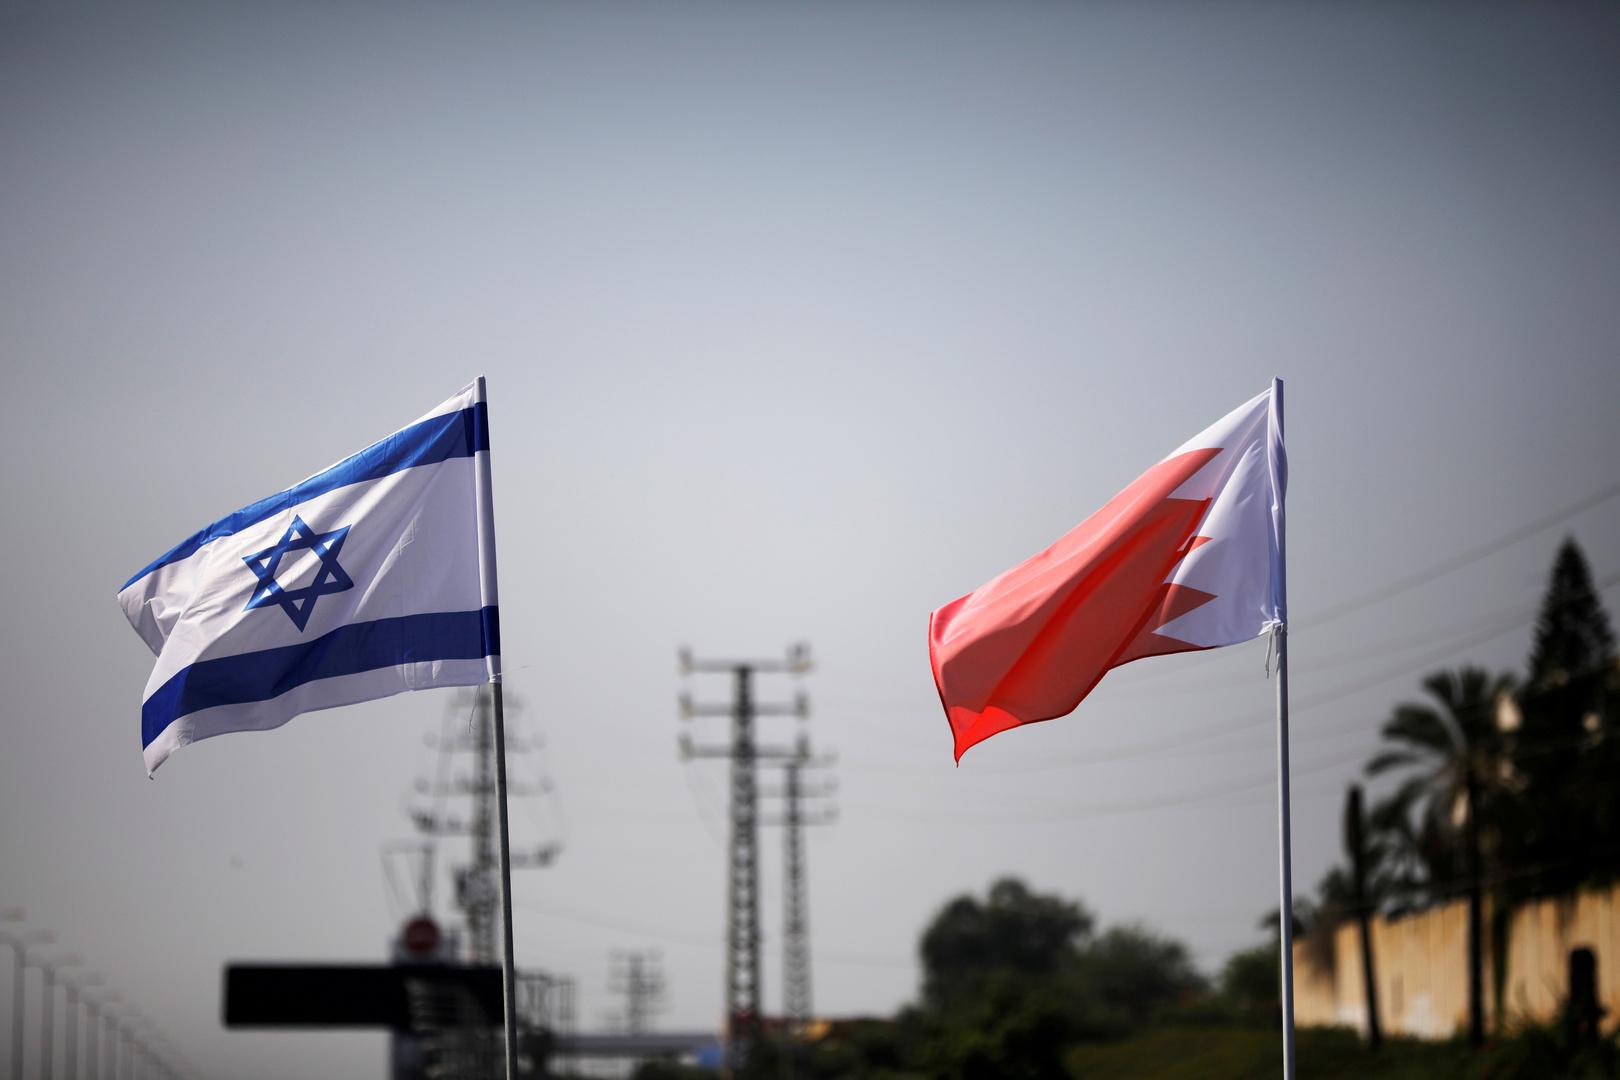 إسرائيل تعين أول سفير لها لدى البحرين وتوقعات بزيارة لابيد إلى المنامة قريبا